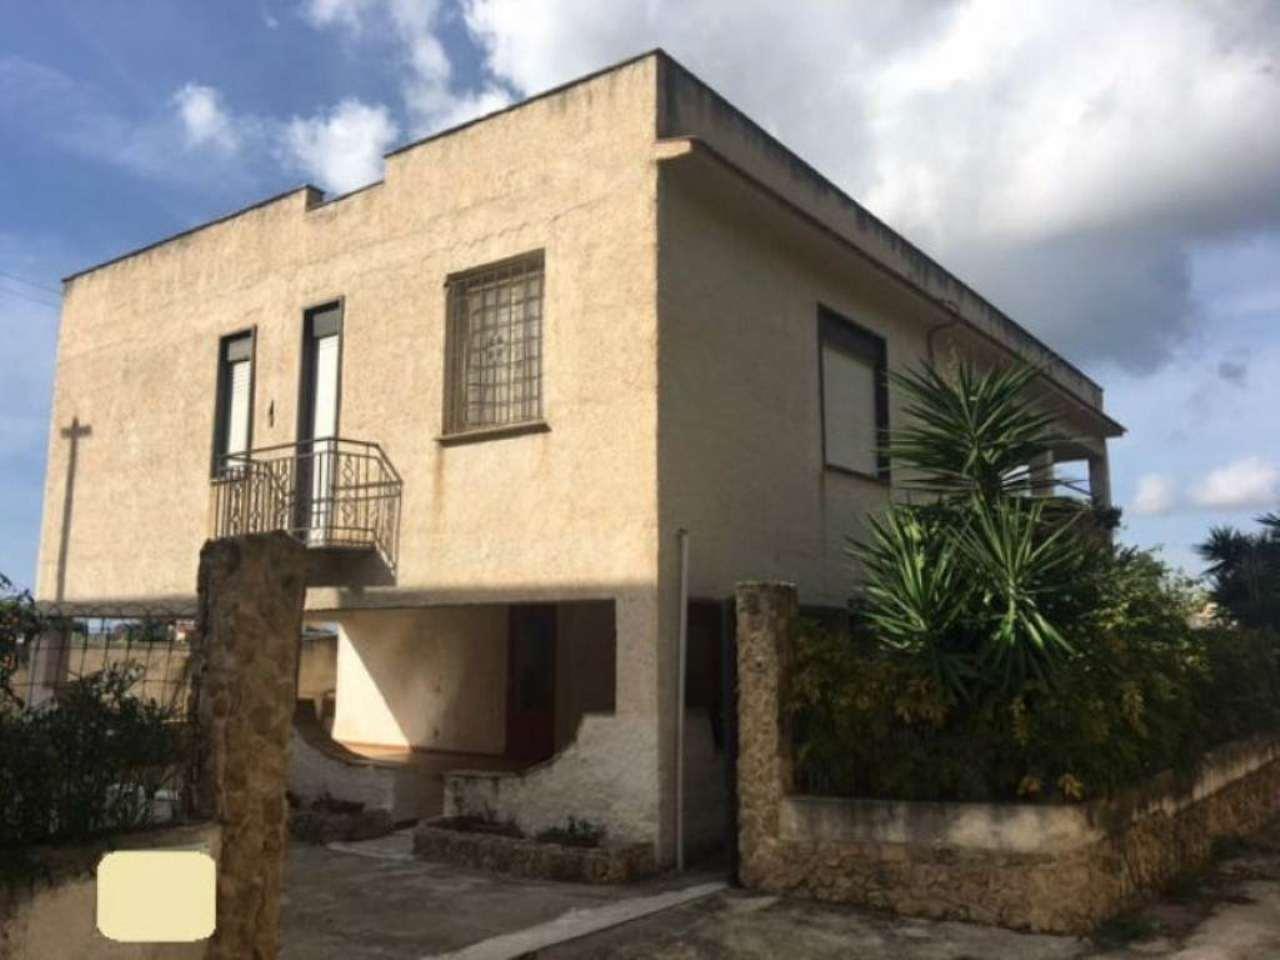 Villa in vendita a Castelvetrano, 8 locali, prezzo € 180.000 | CambioCasa.it